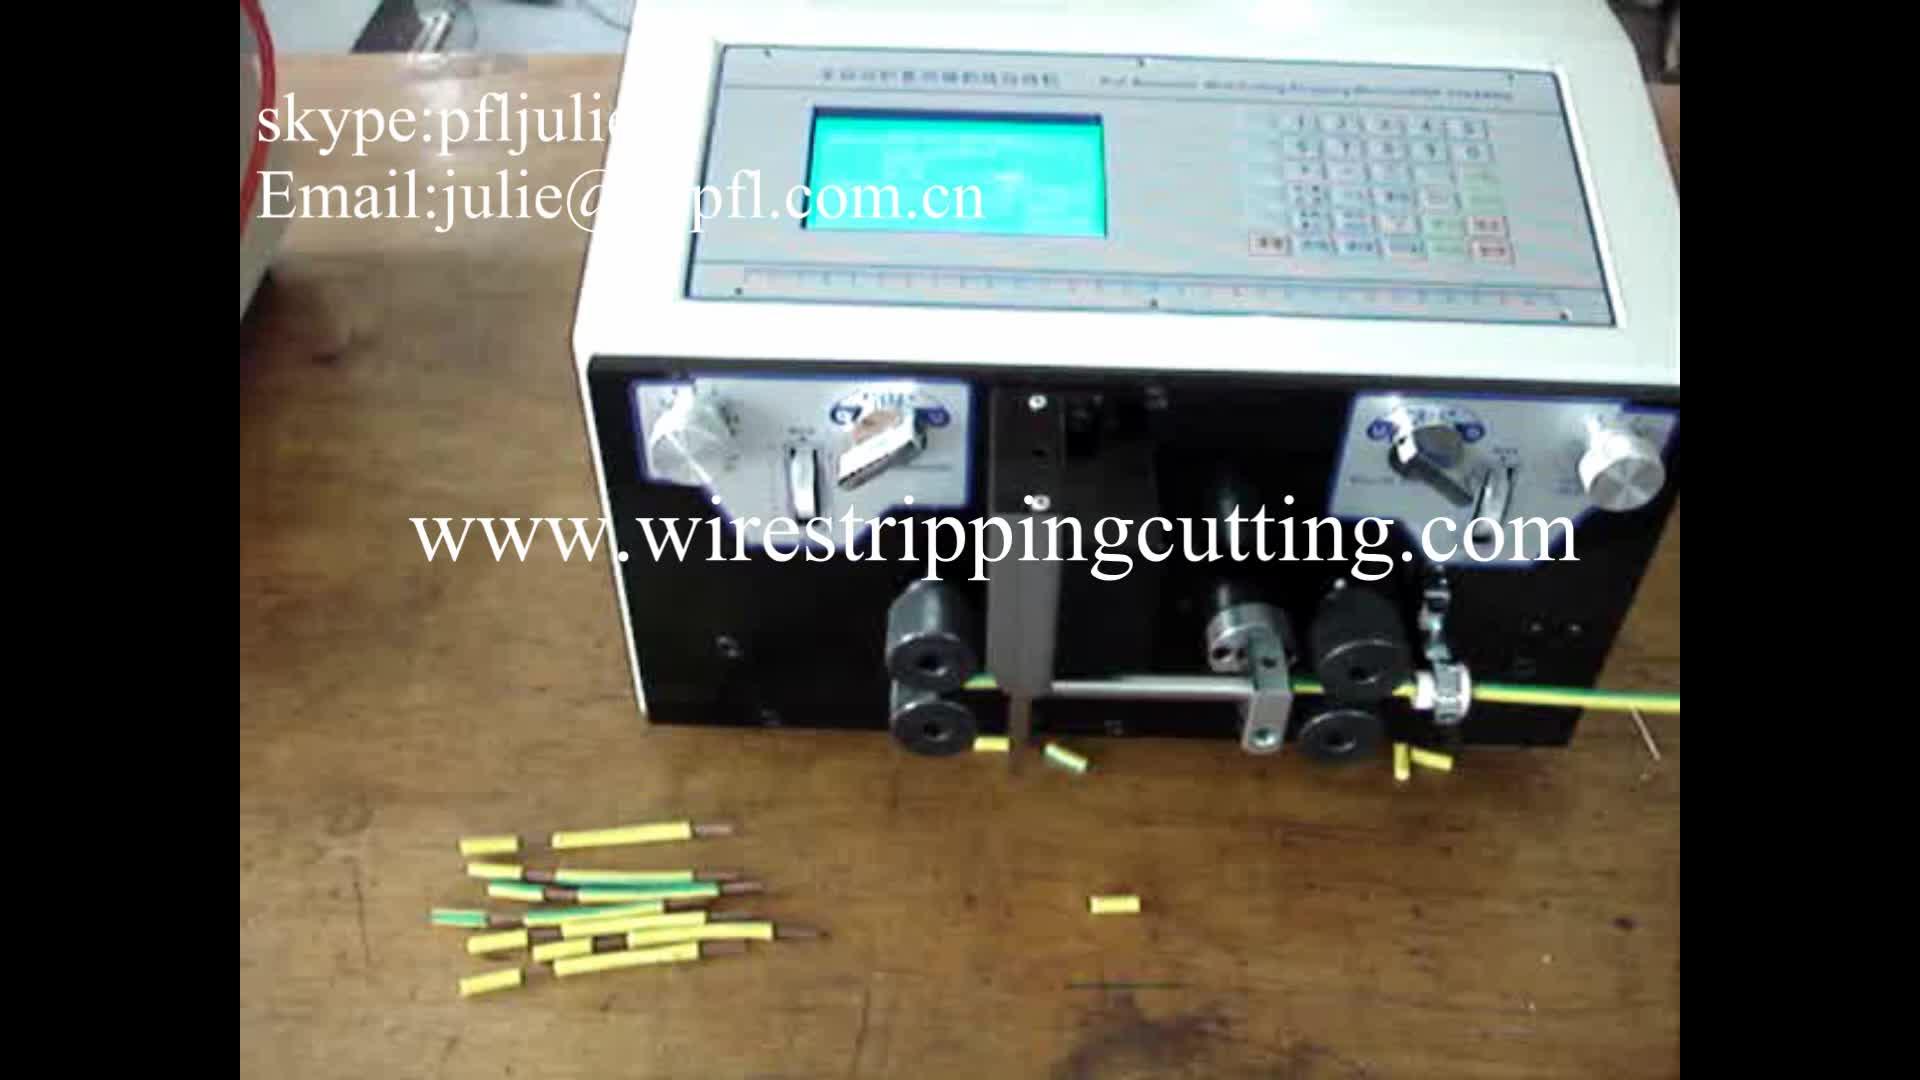 PFL-03EN Wire stripping machine,10mm2 wire stripping